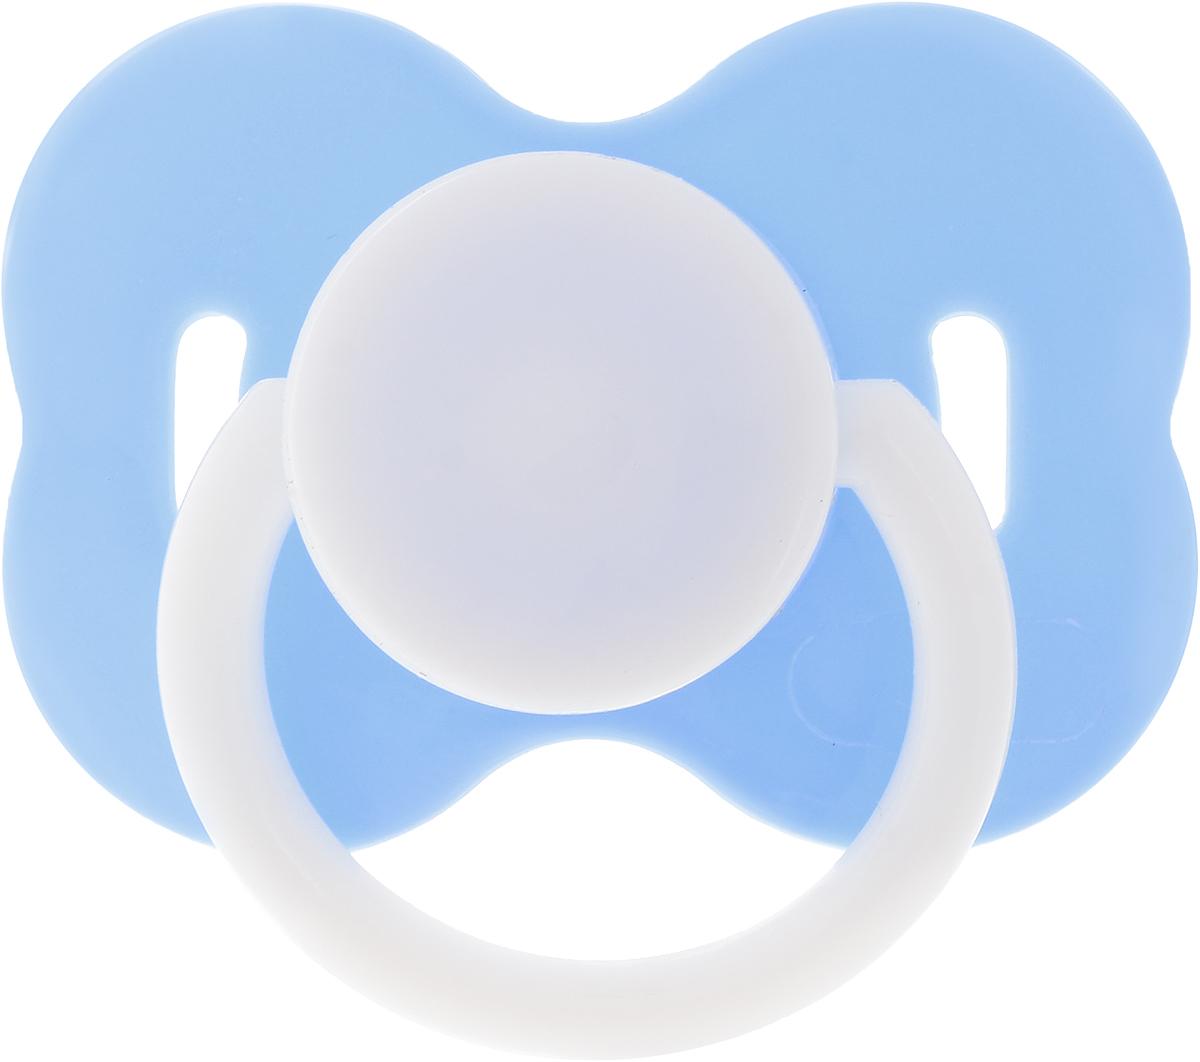 Lubby Пустышка силиконовая с колпачком от 0 месяцев цвет голубой -  Все для детского кормления